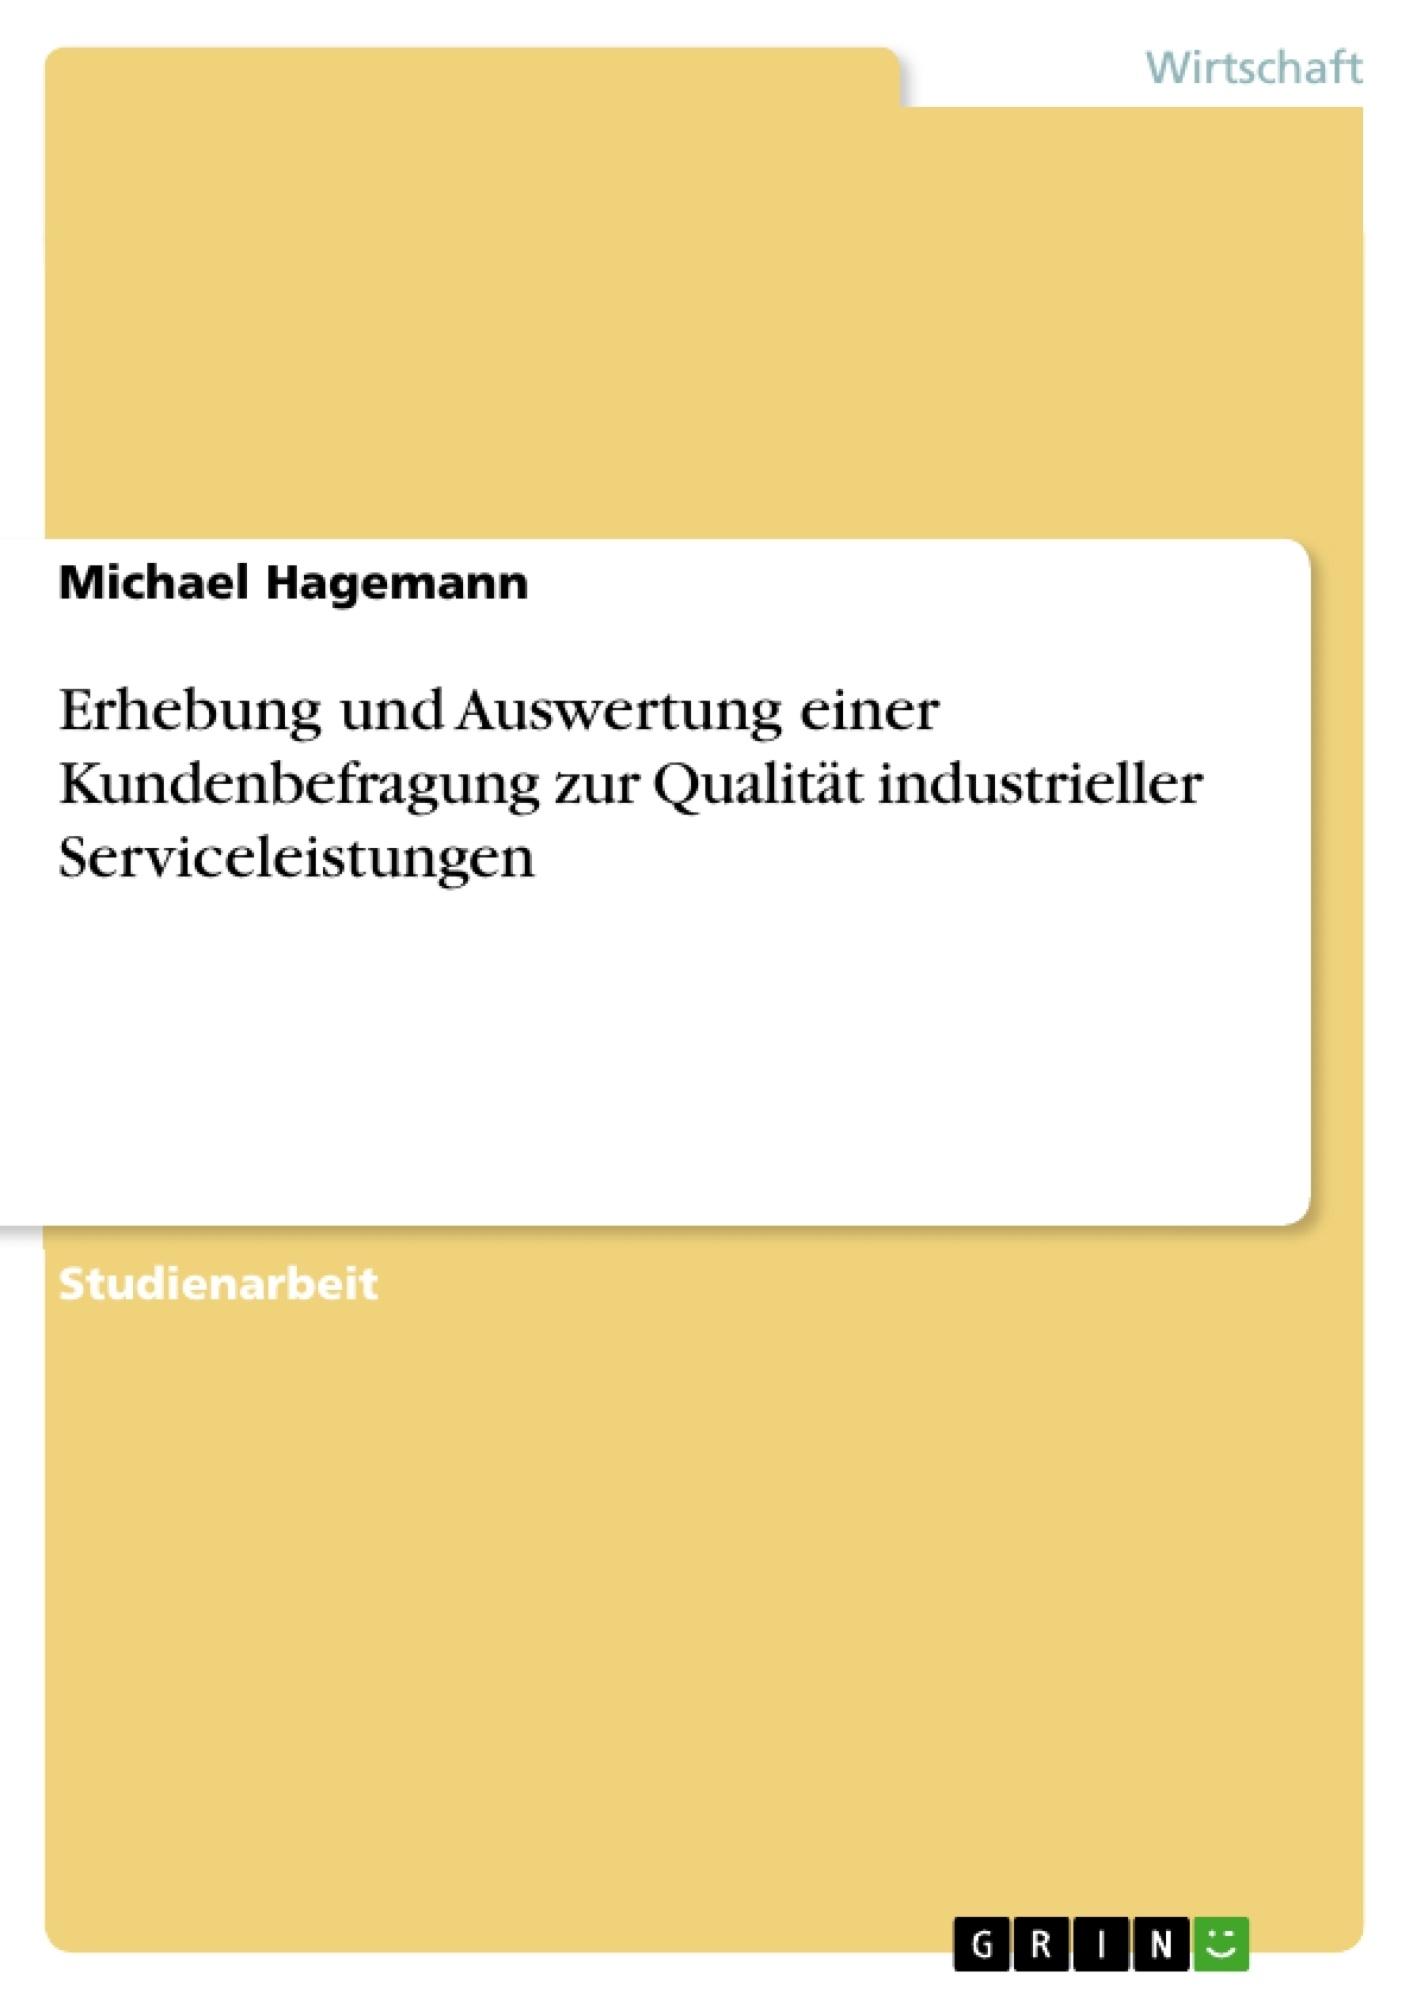 Titel: Erhebung und Auswertung einer Kundenbefragung zur Qualität industrieller Serviceleistungen